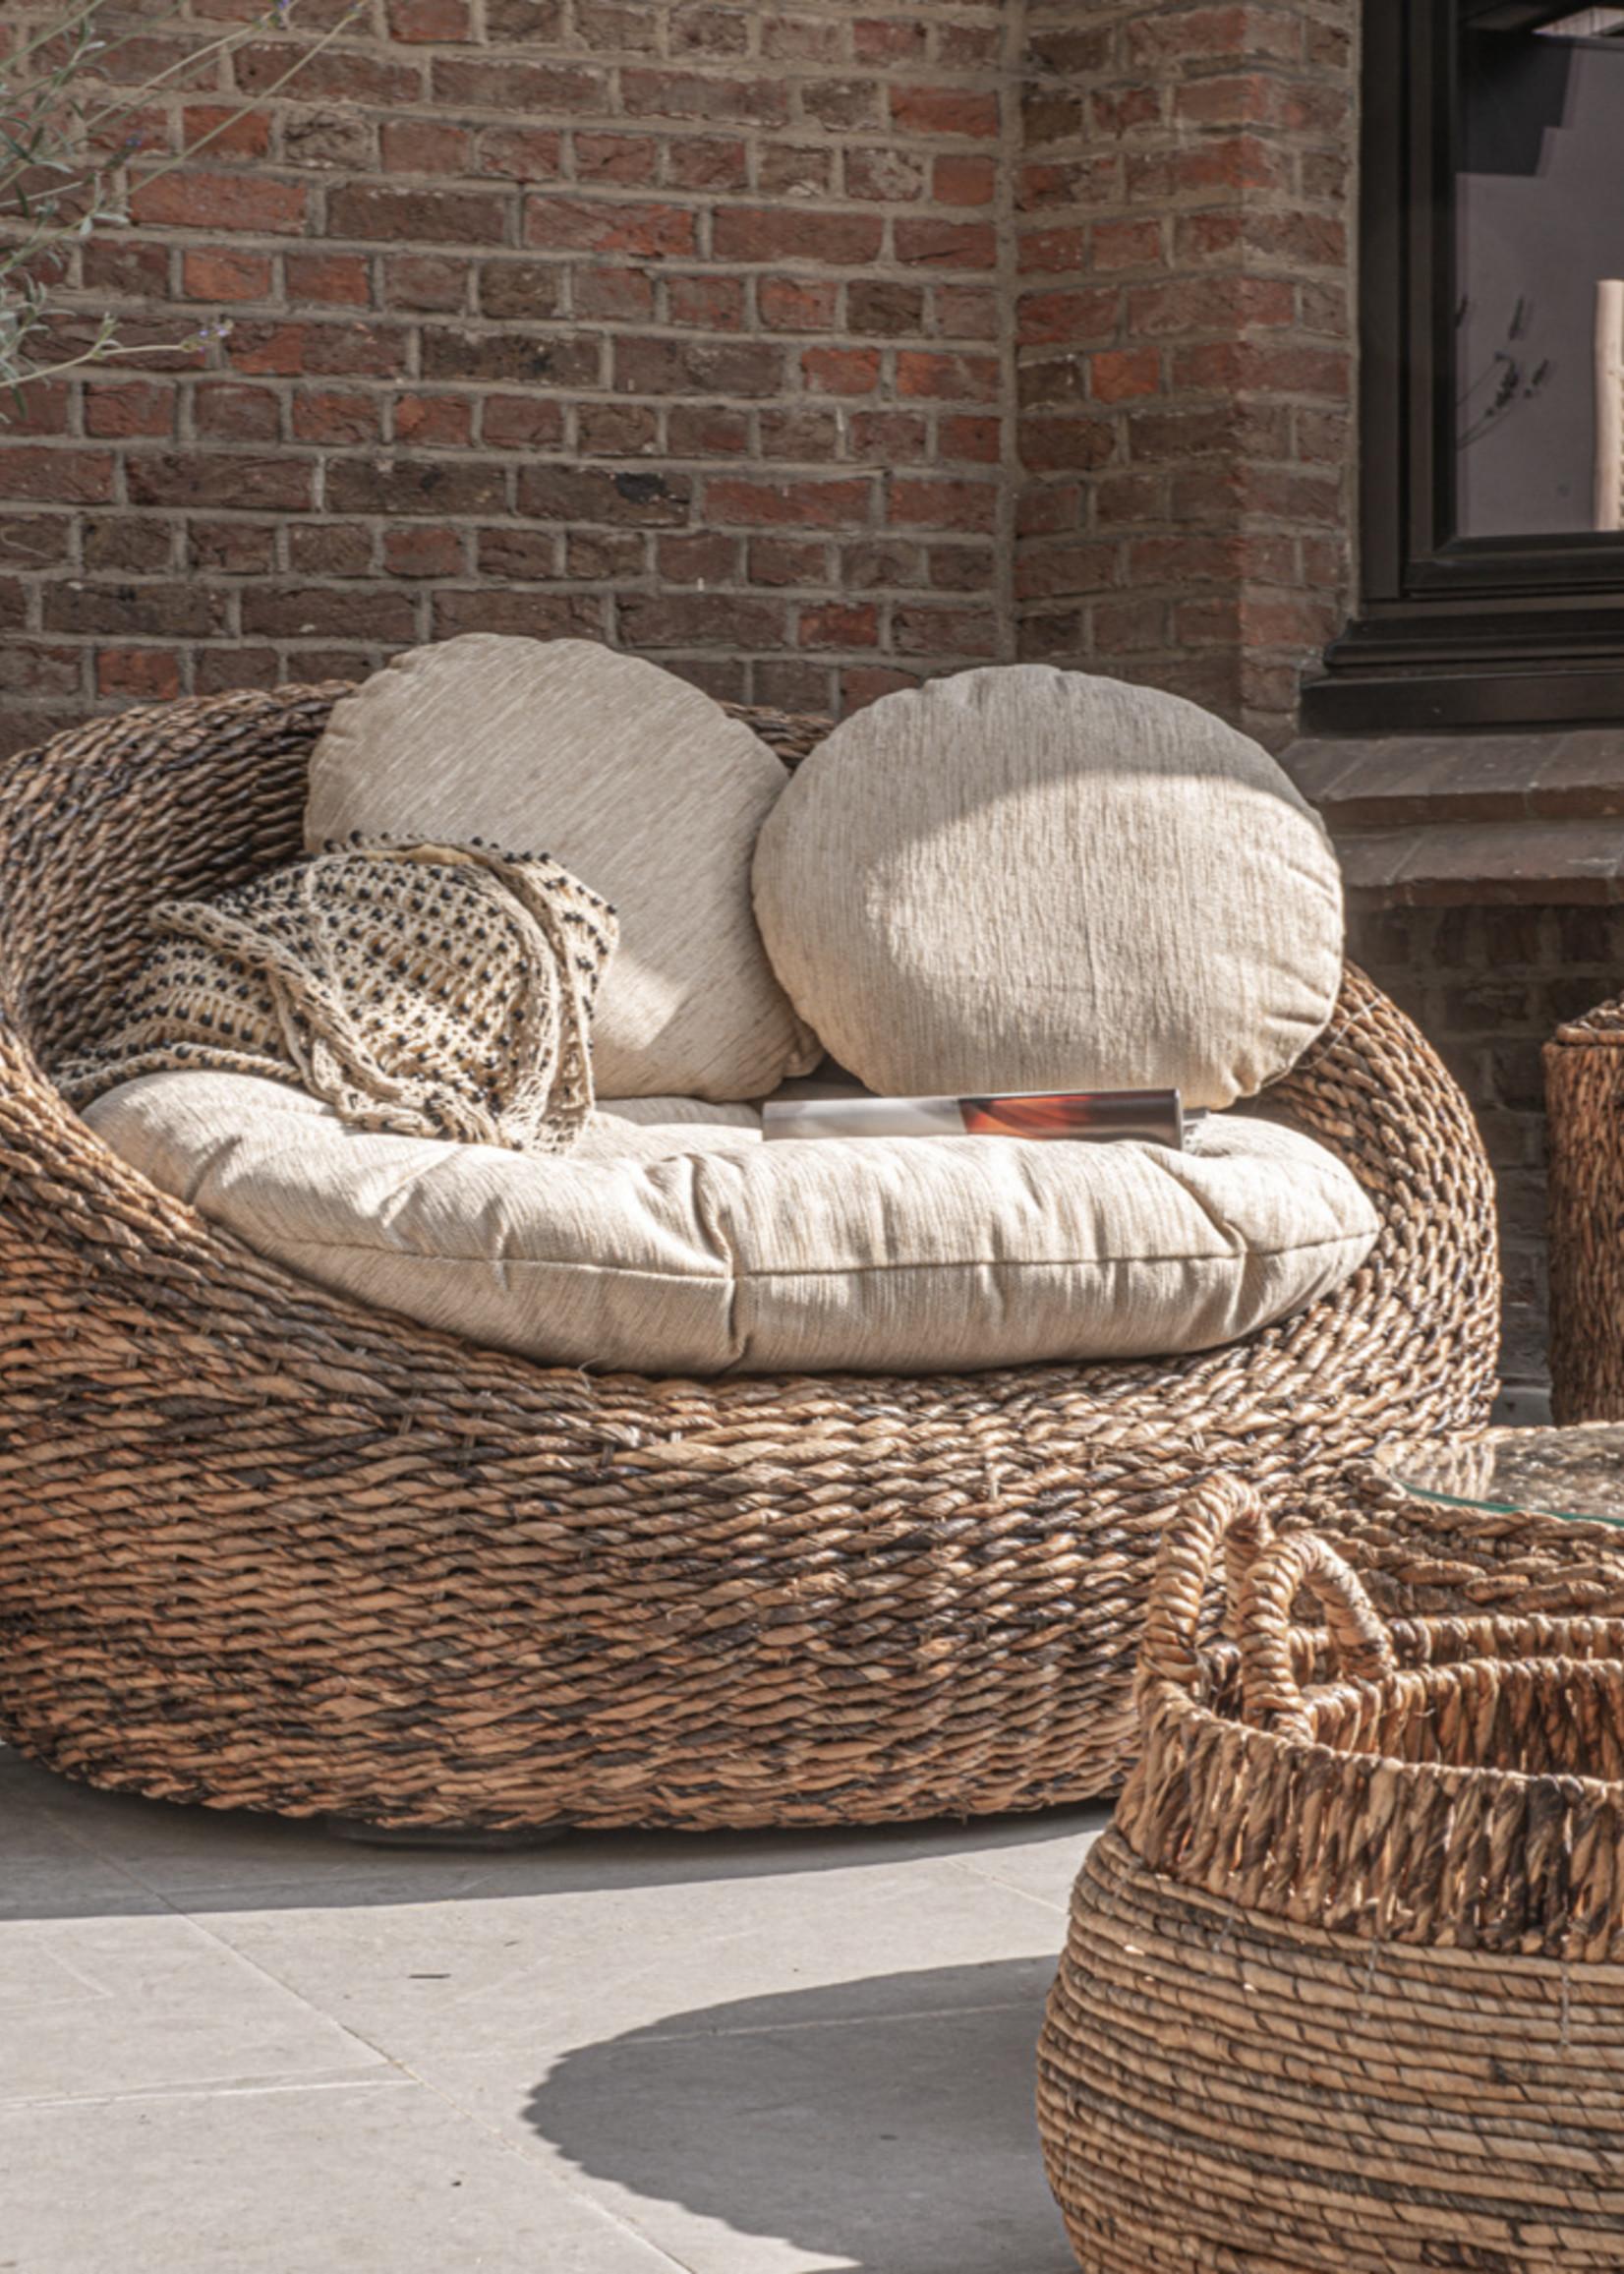 The Banana Laundry Baskets - Natural - Set 3